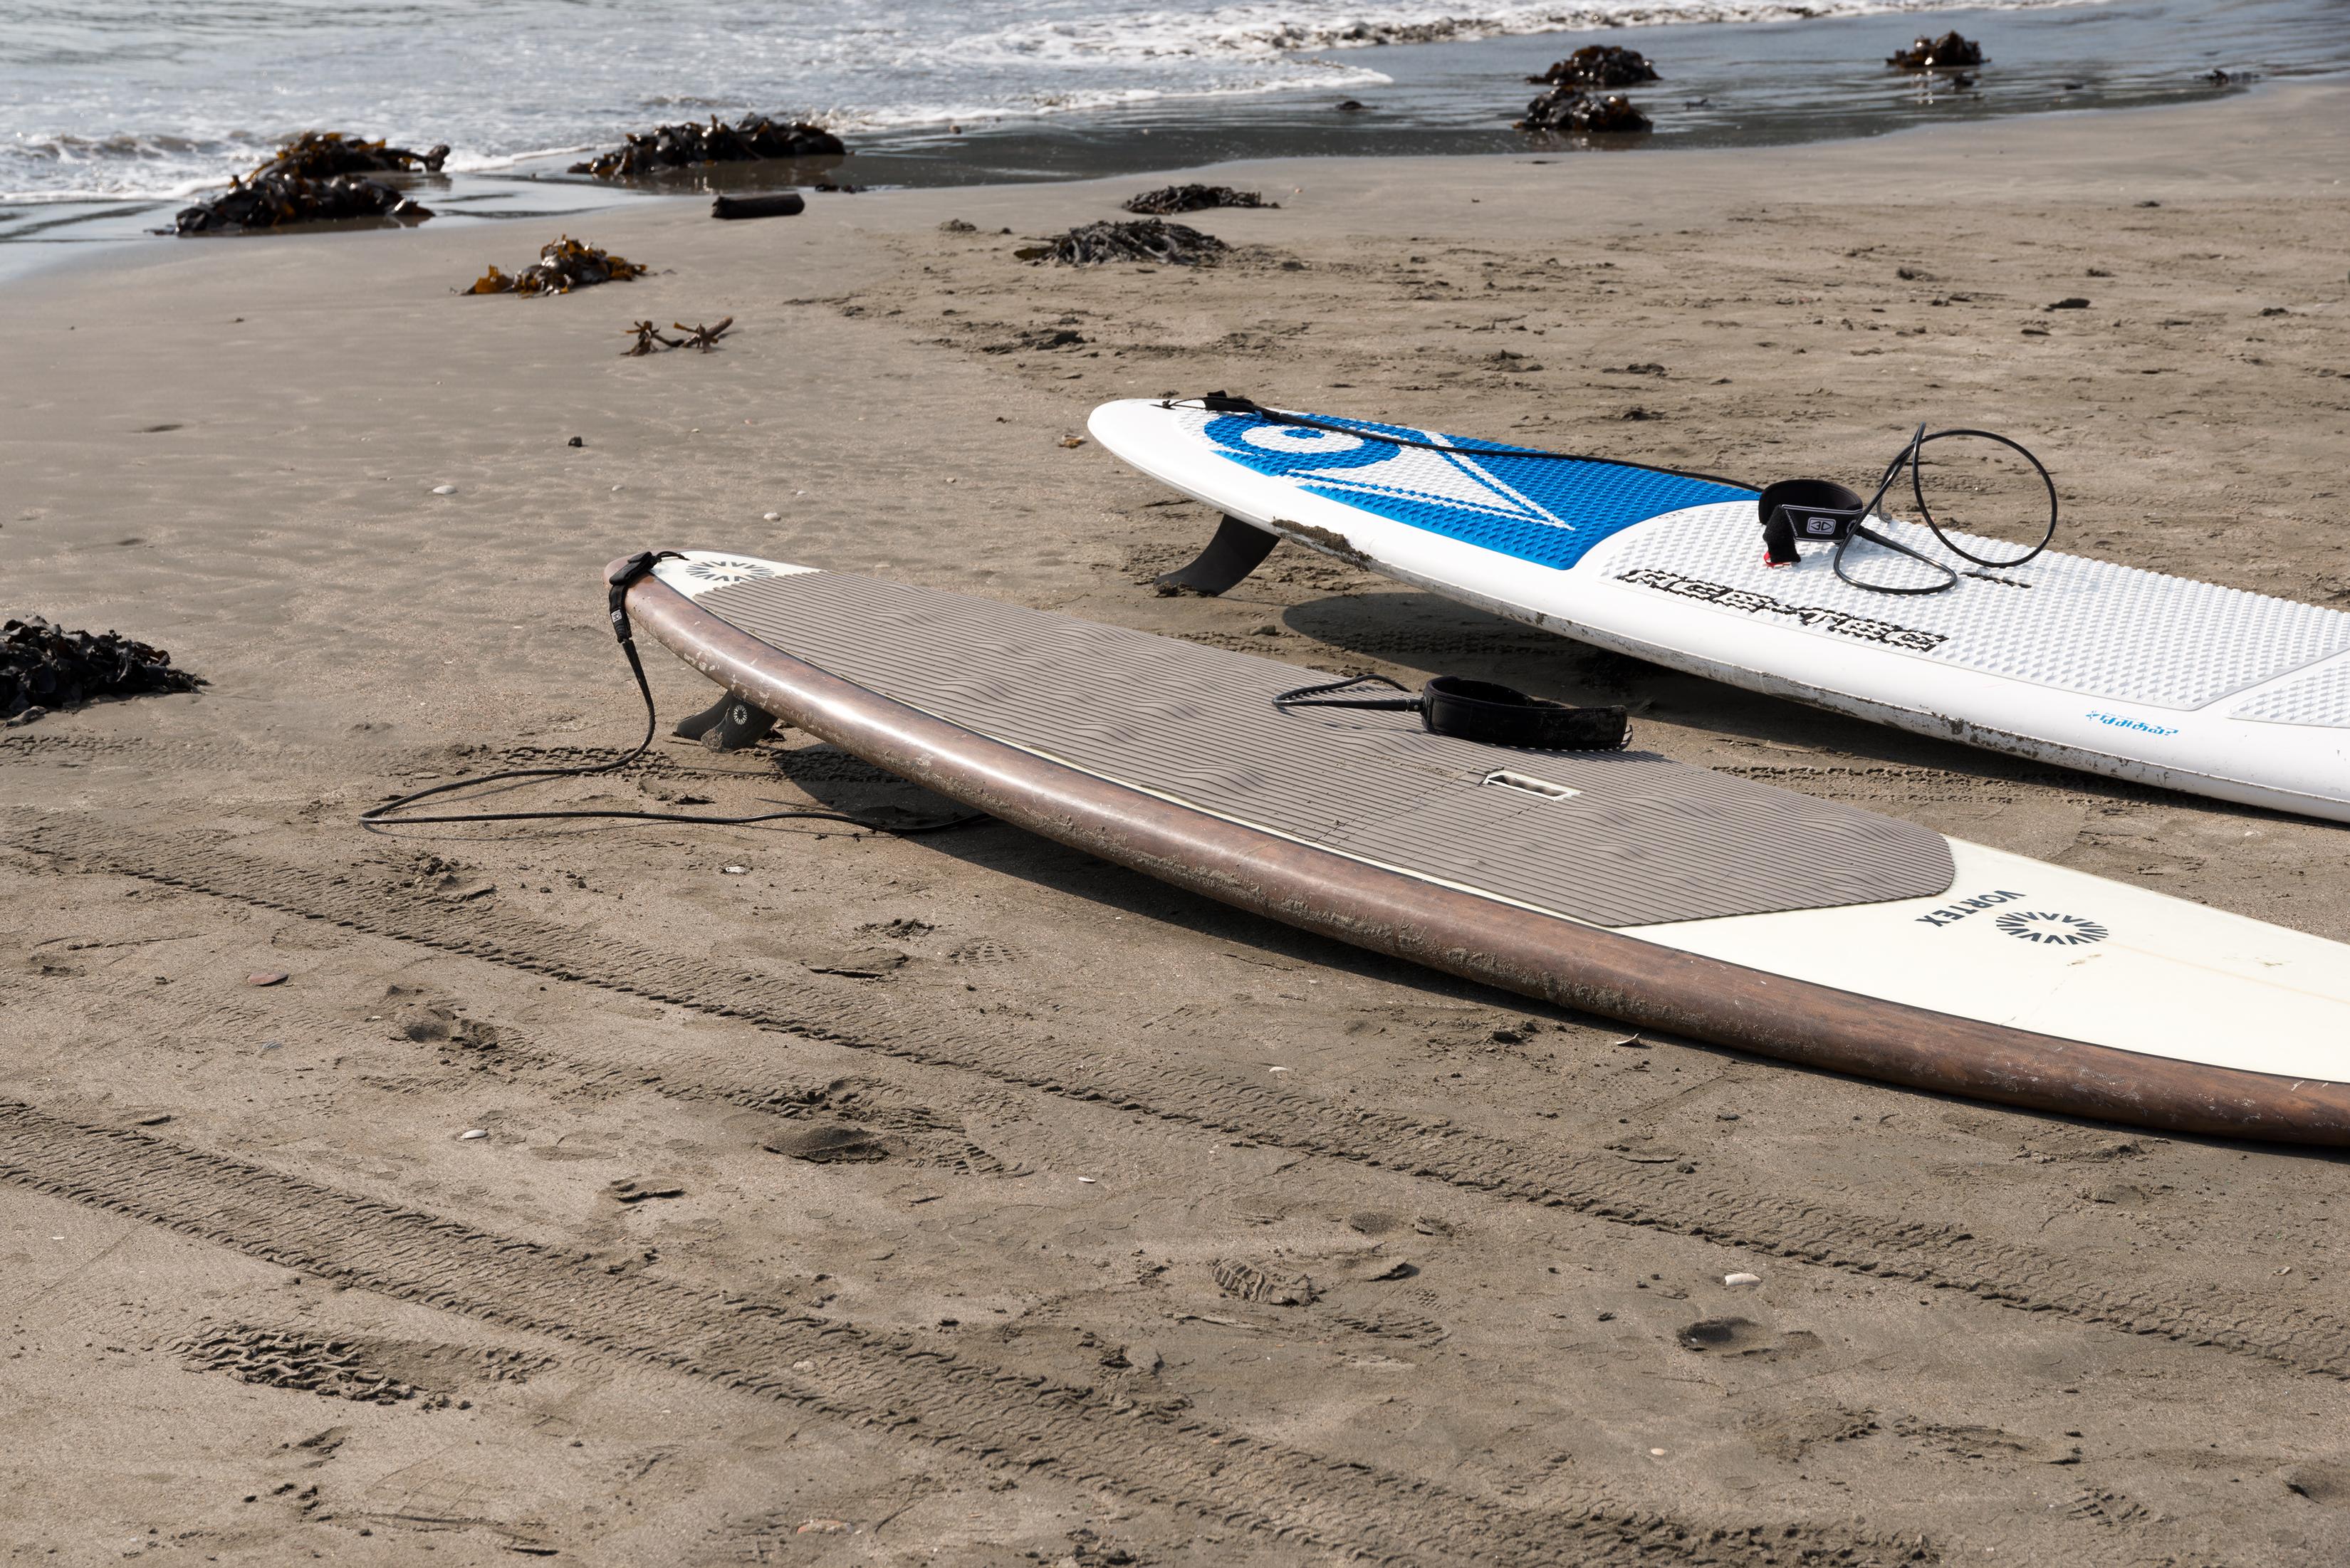 国府の浜は絶好のサーフィンスポット!波の様子から周辺の宿・駐車場も紹介